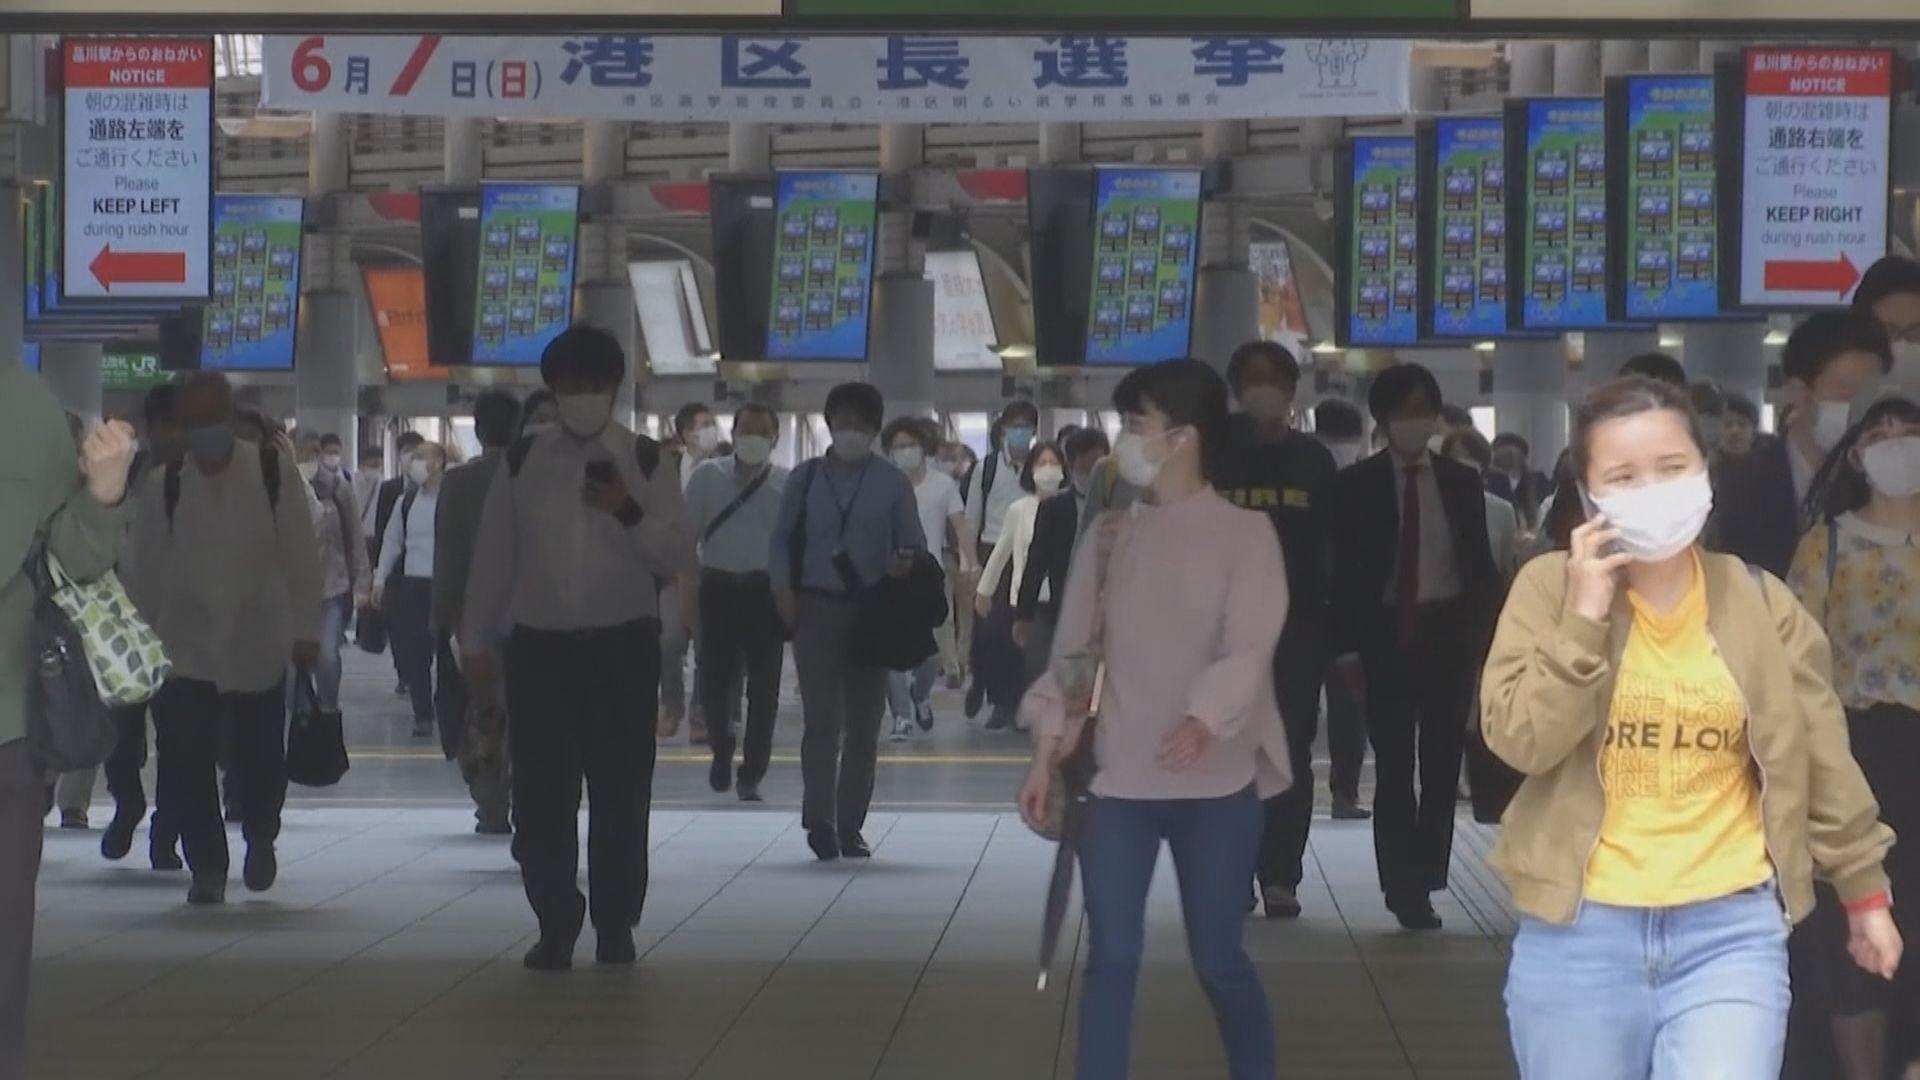 東京等地緊急狀態周日屆滿後解除